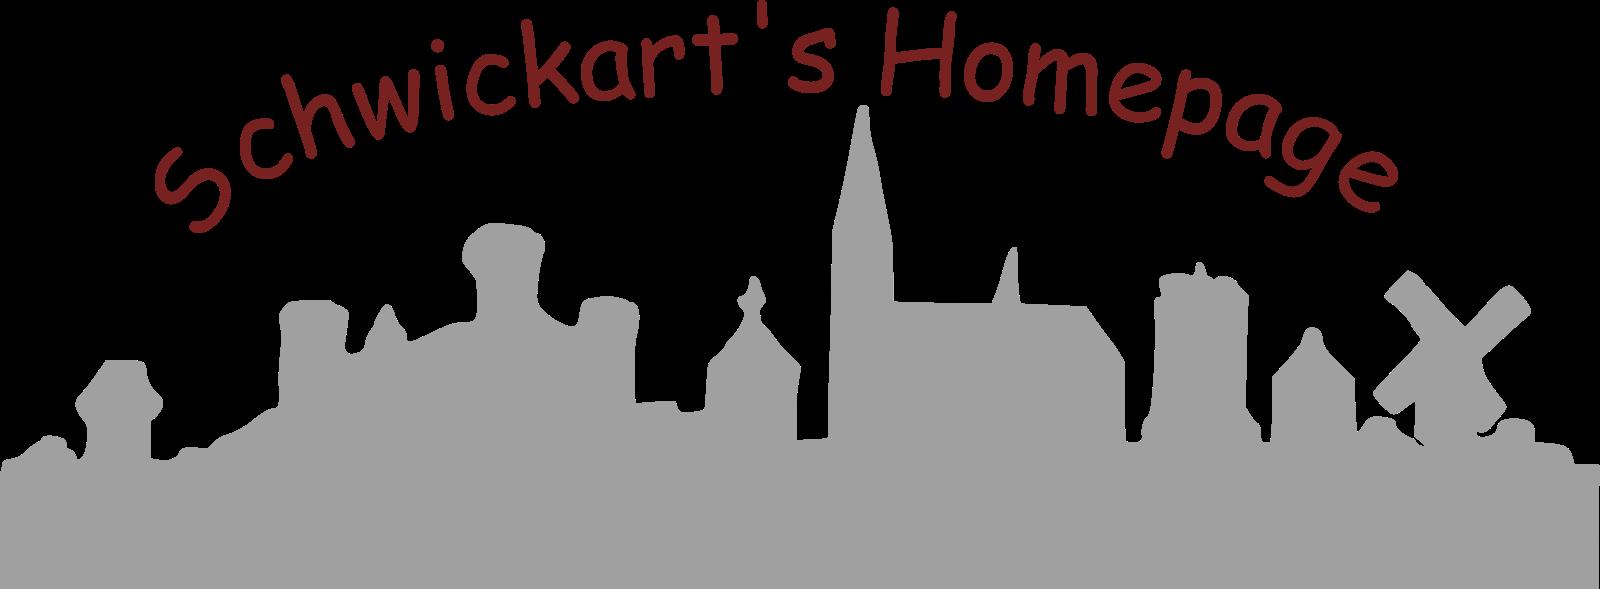 Schwickart's Homepage